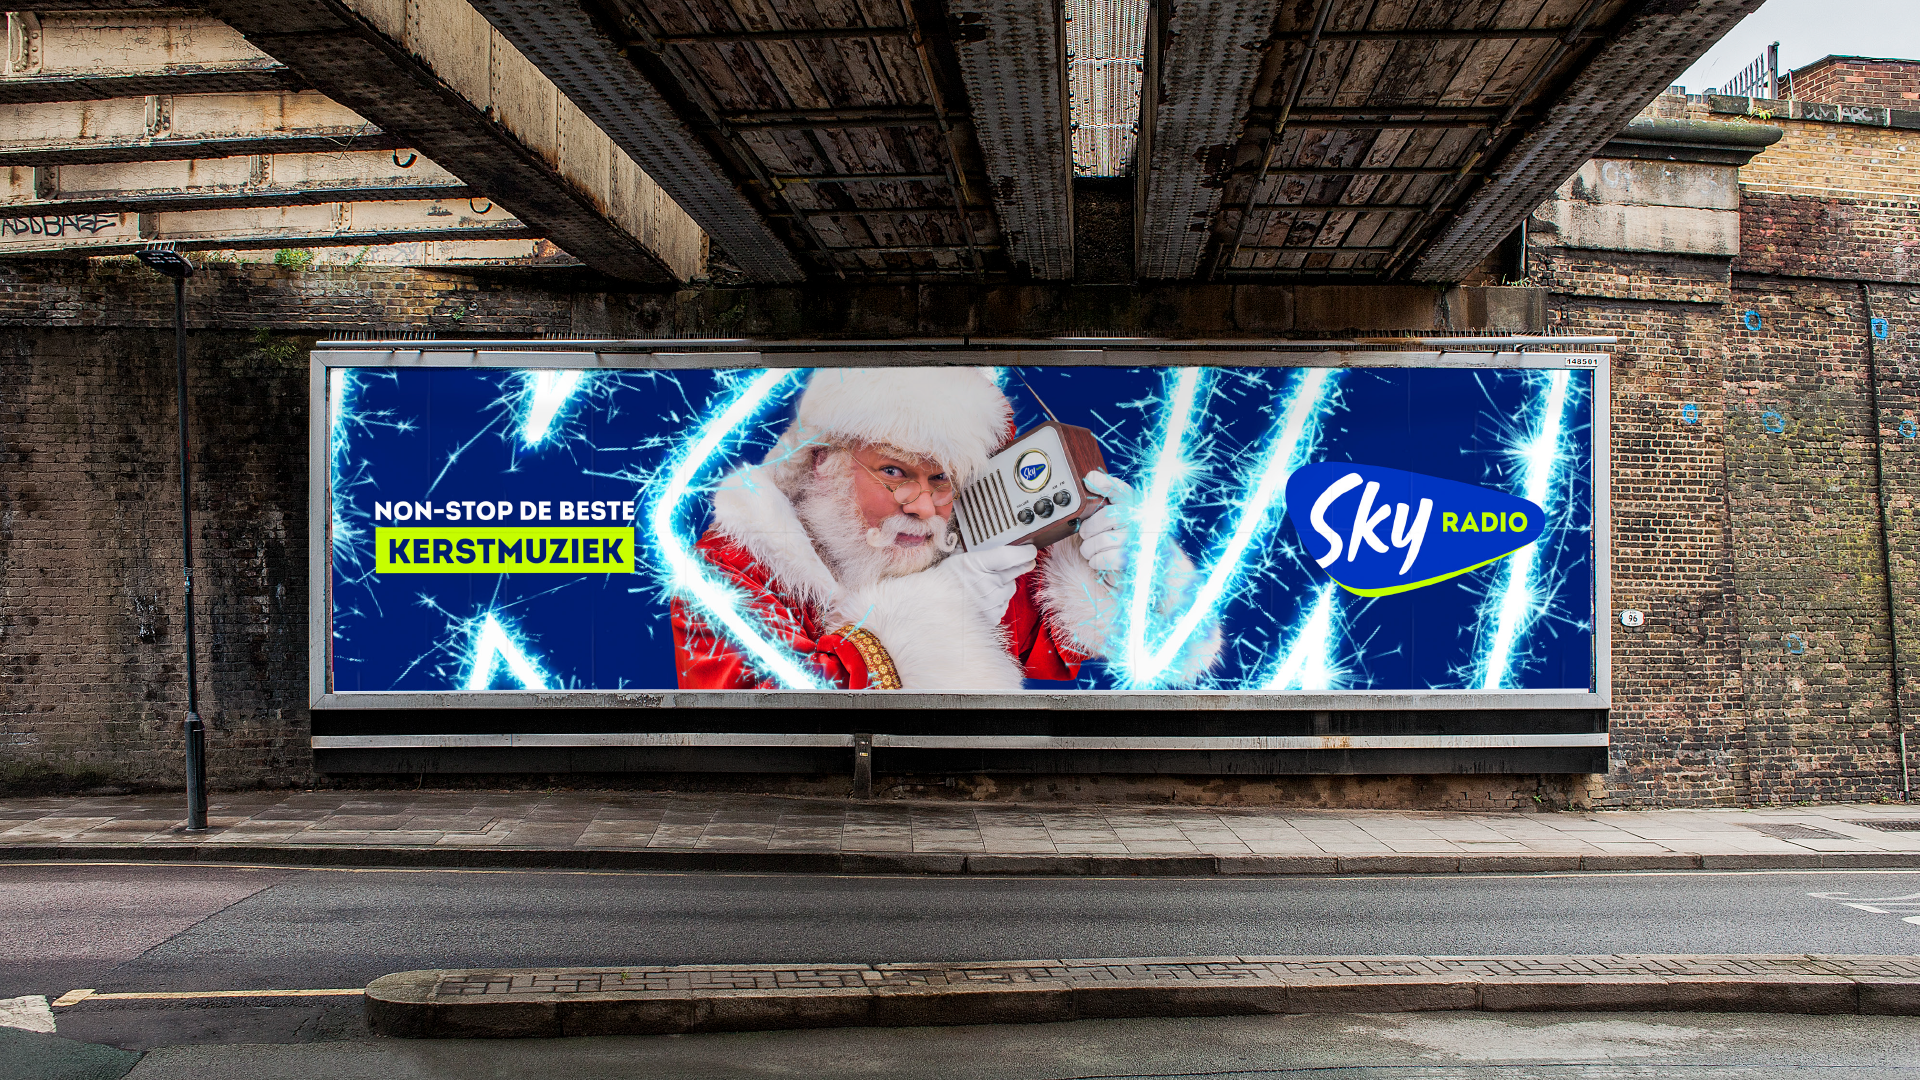 Sky radio kerst christmas kerstman